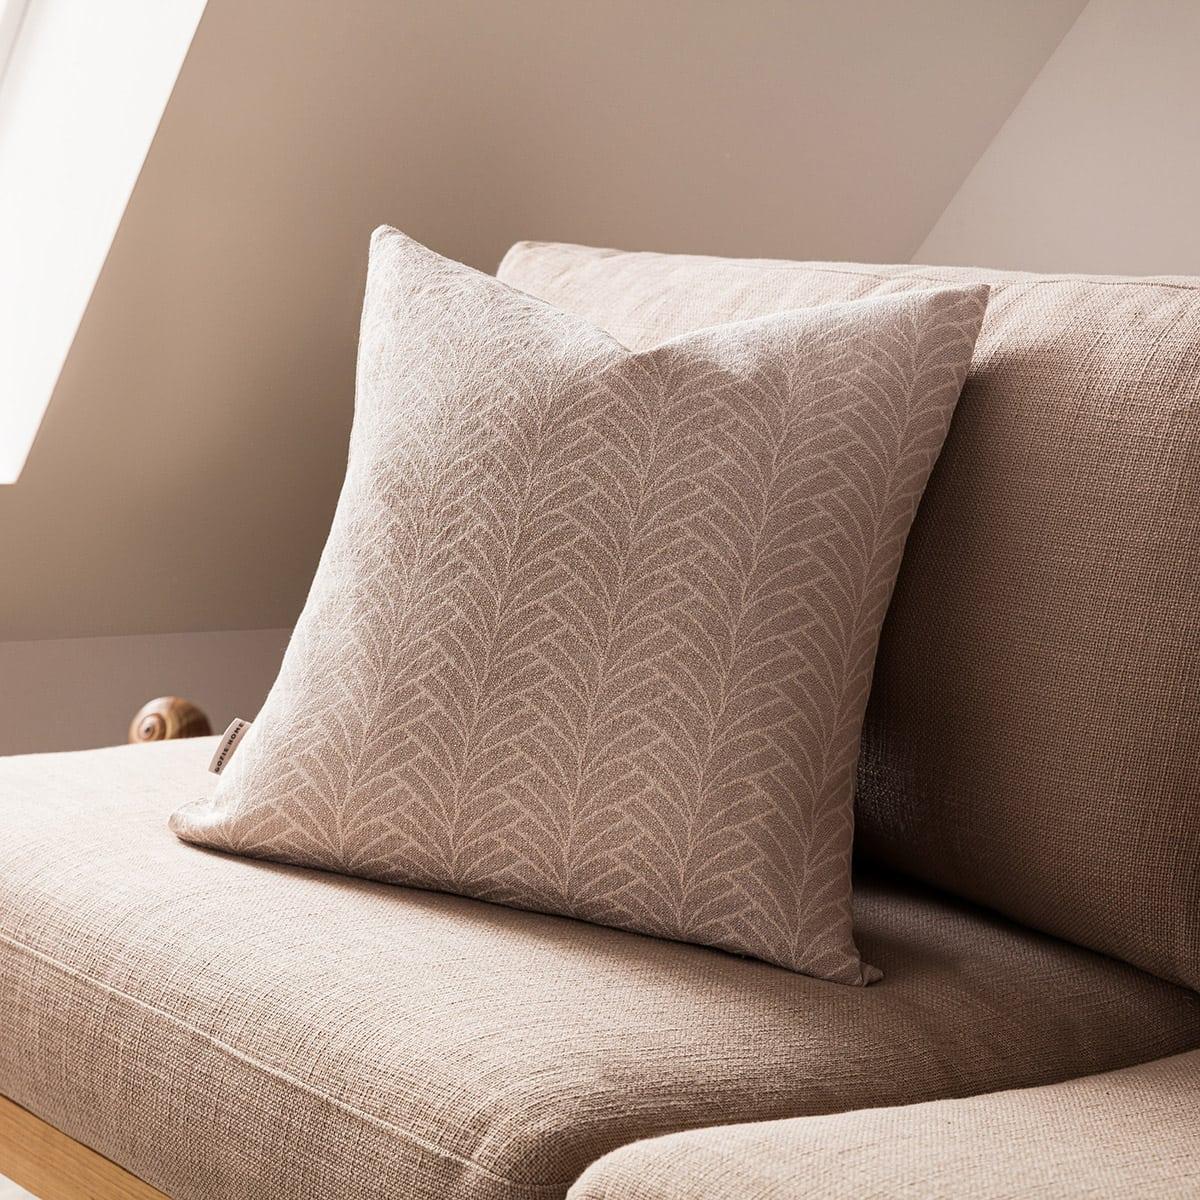 Μαξιλαροθήκη Διακοσμητική Seashell 223/06 Beige Gofis Home 50X50 Βαμβάκι-Polyester